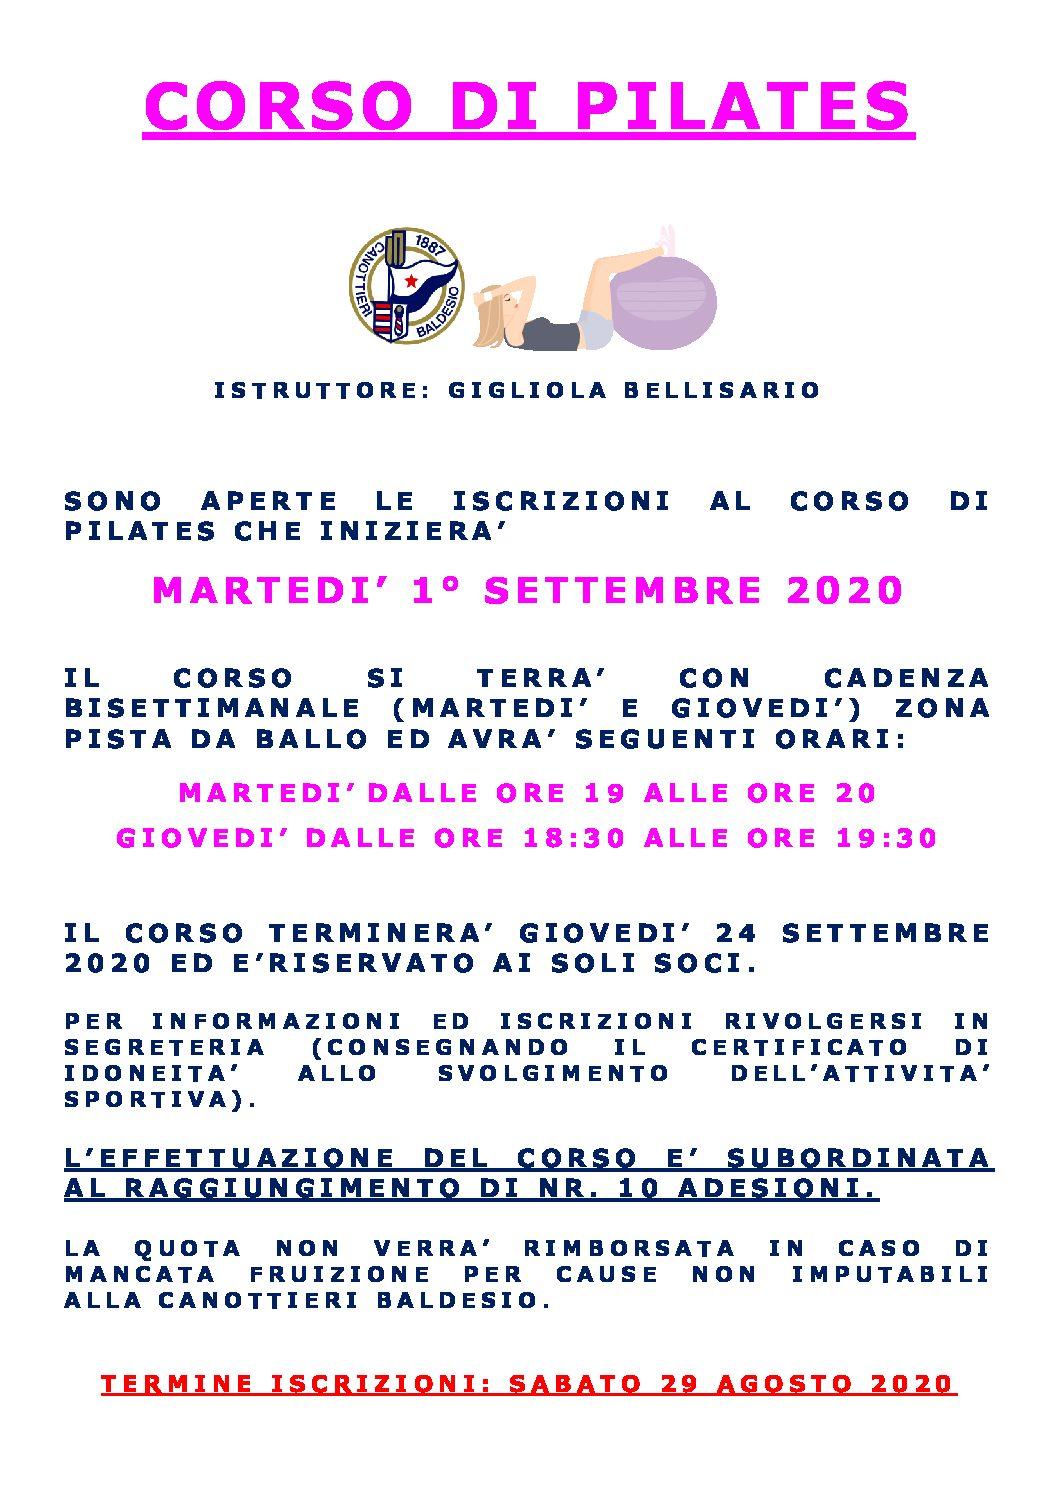 CORSO DI PILATES INIZIO 1 SETTEMBRE 2020 – Società Canottieri Baldesio